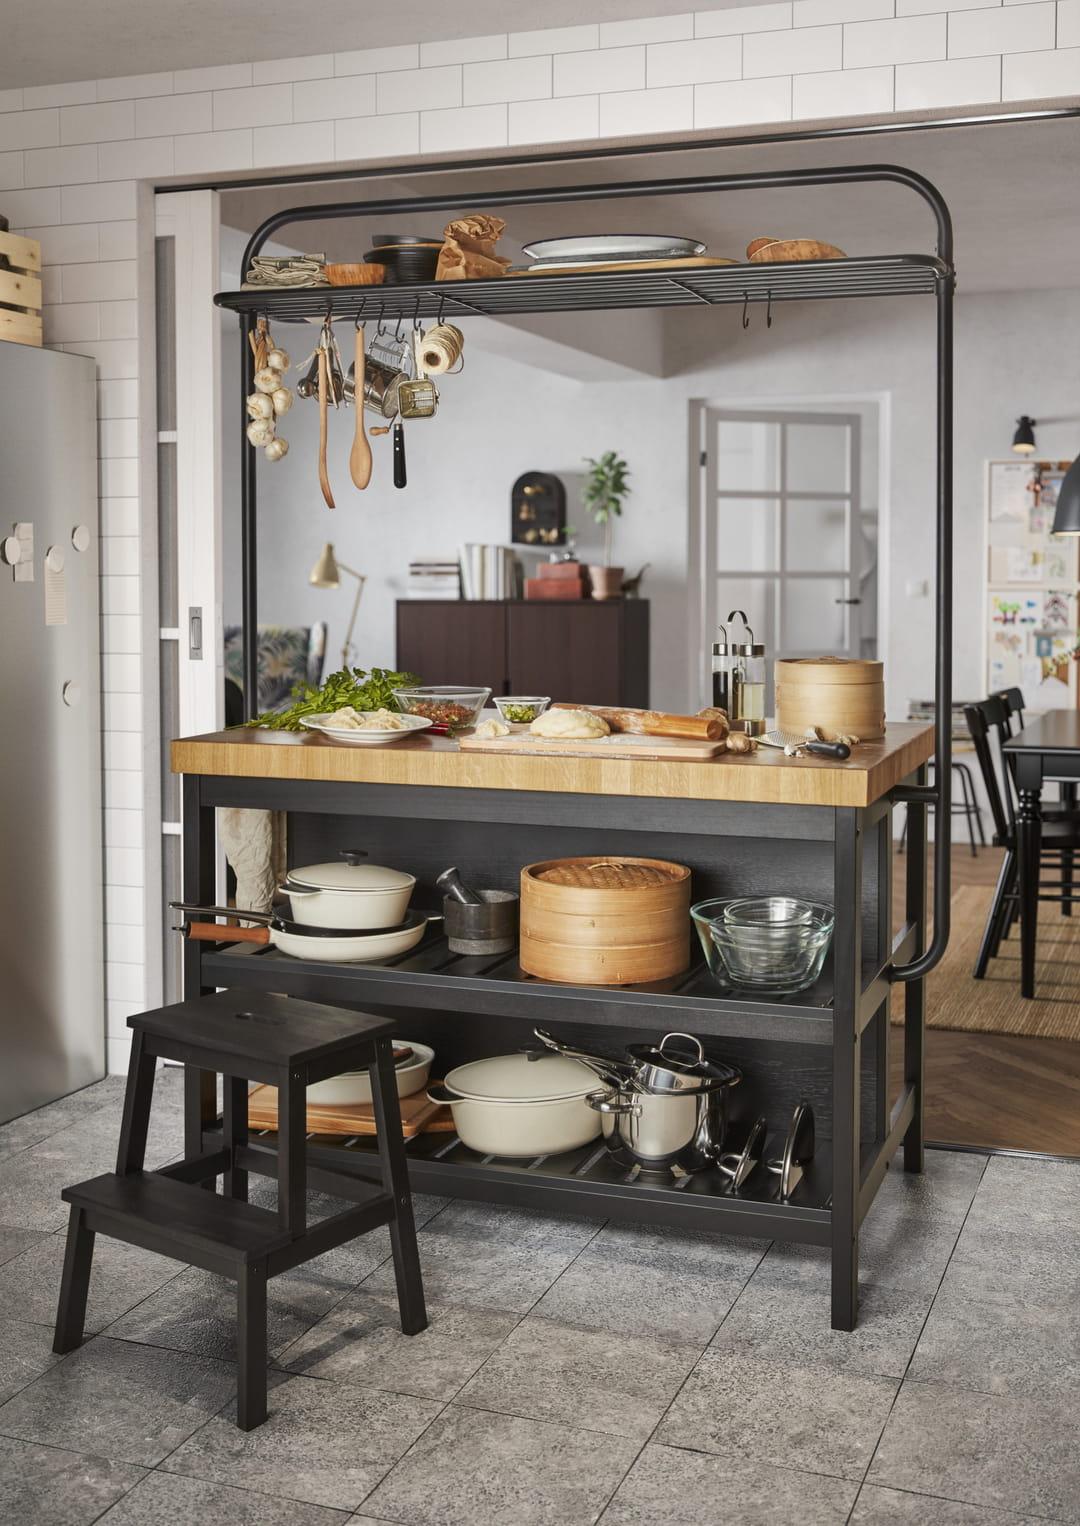 separer-cuisine-et-salon-avec-un-meuble-d-appoint